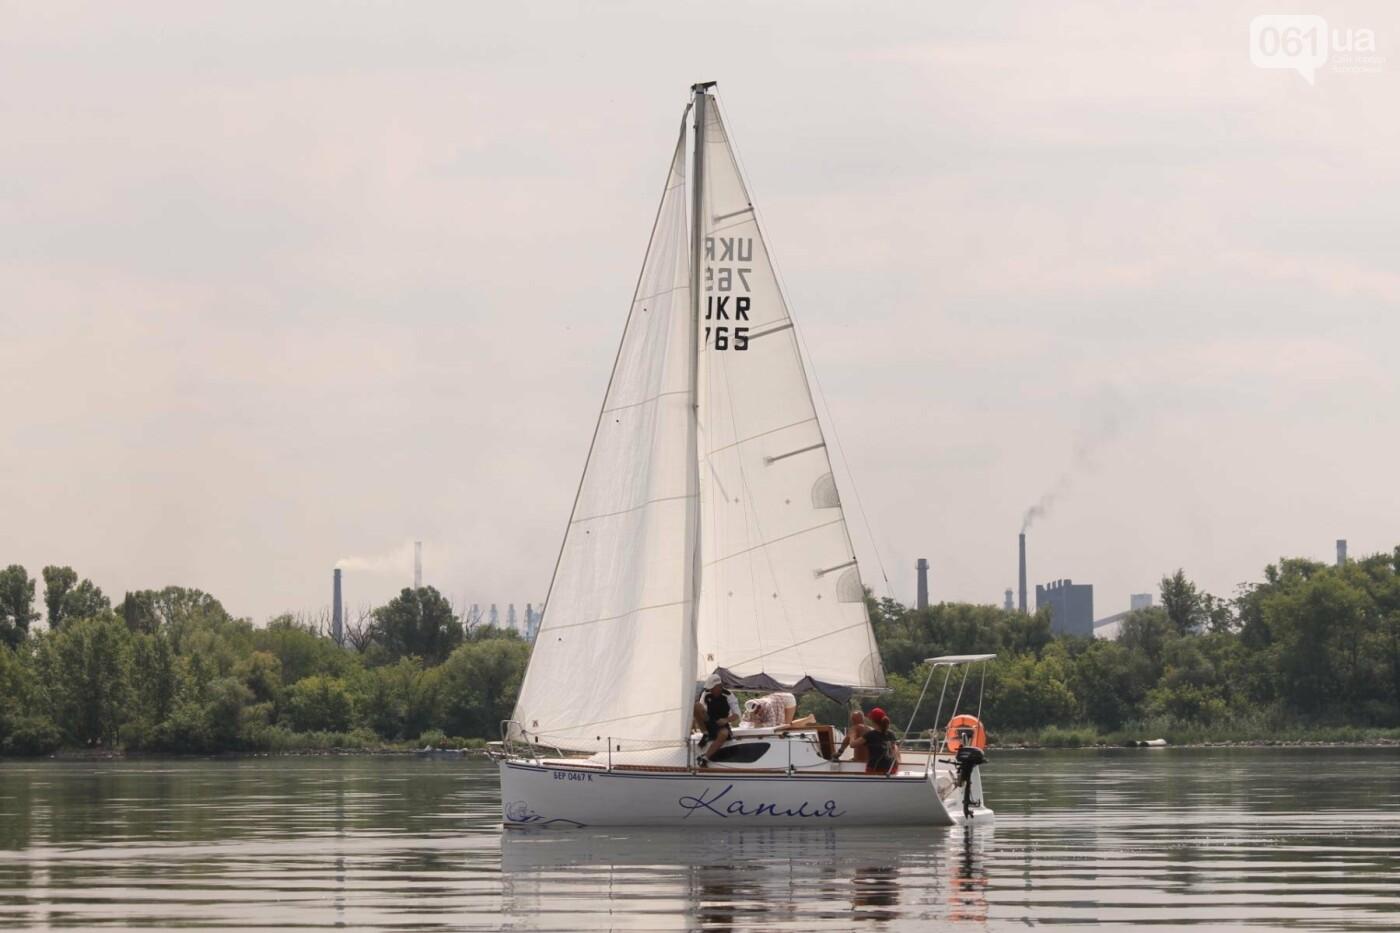 Сотни спортсменов и десятки яхт: как в Запорожье проходит парусная регата, – ФОТОРЕПОРТАЖ, фото-37